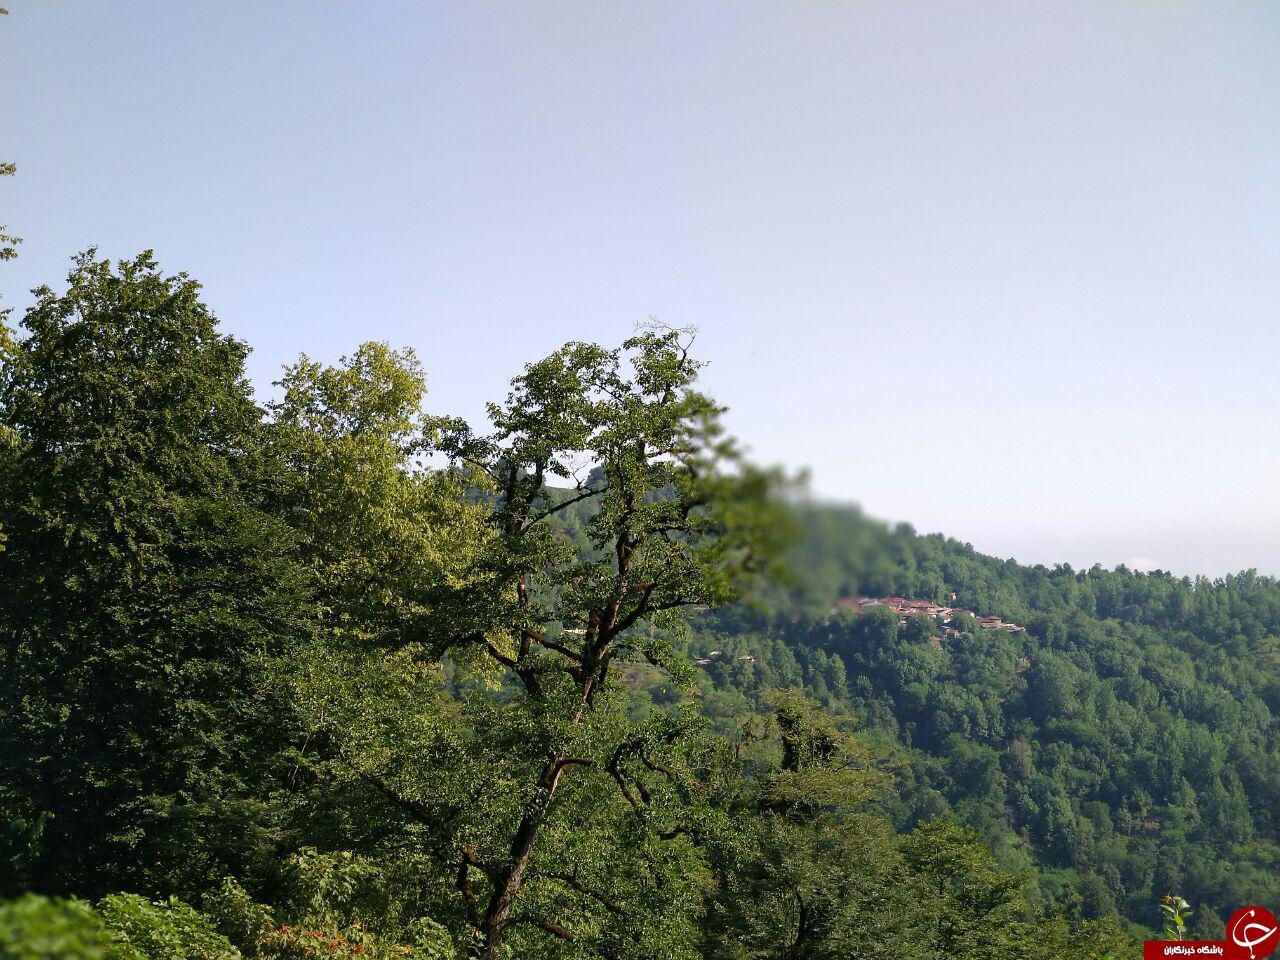 تصویرهایی از طبیعت جذاب در روستای تابستان نشین